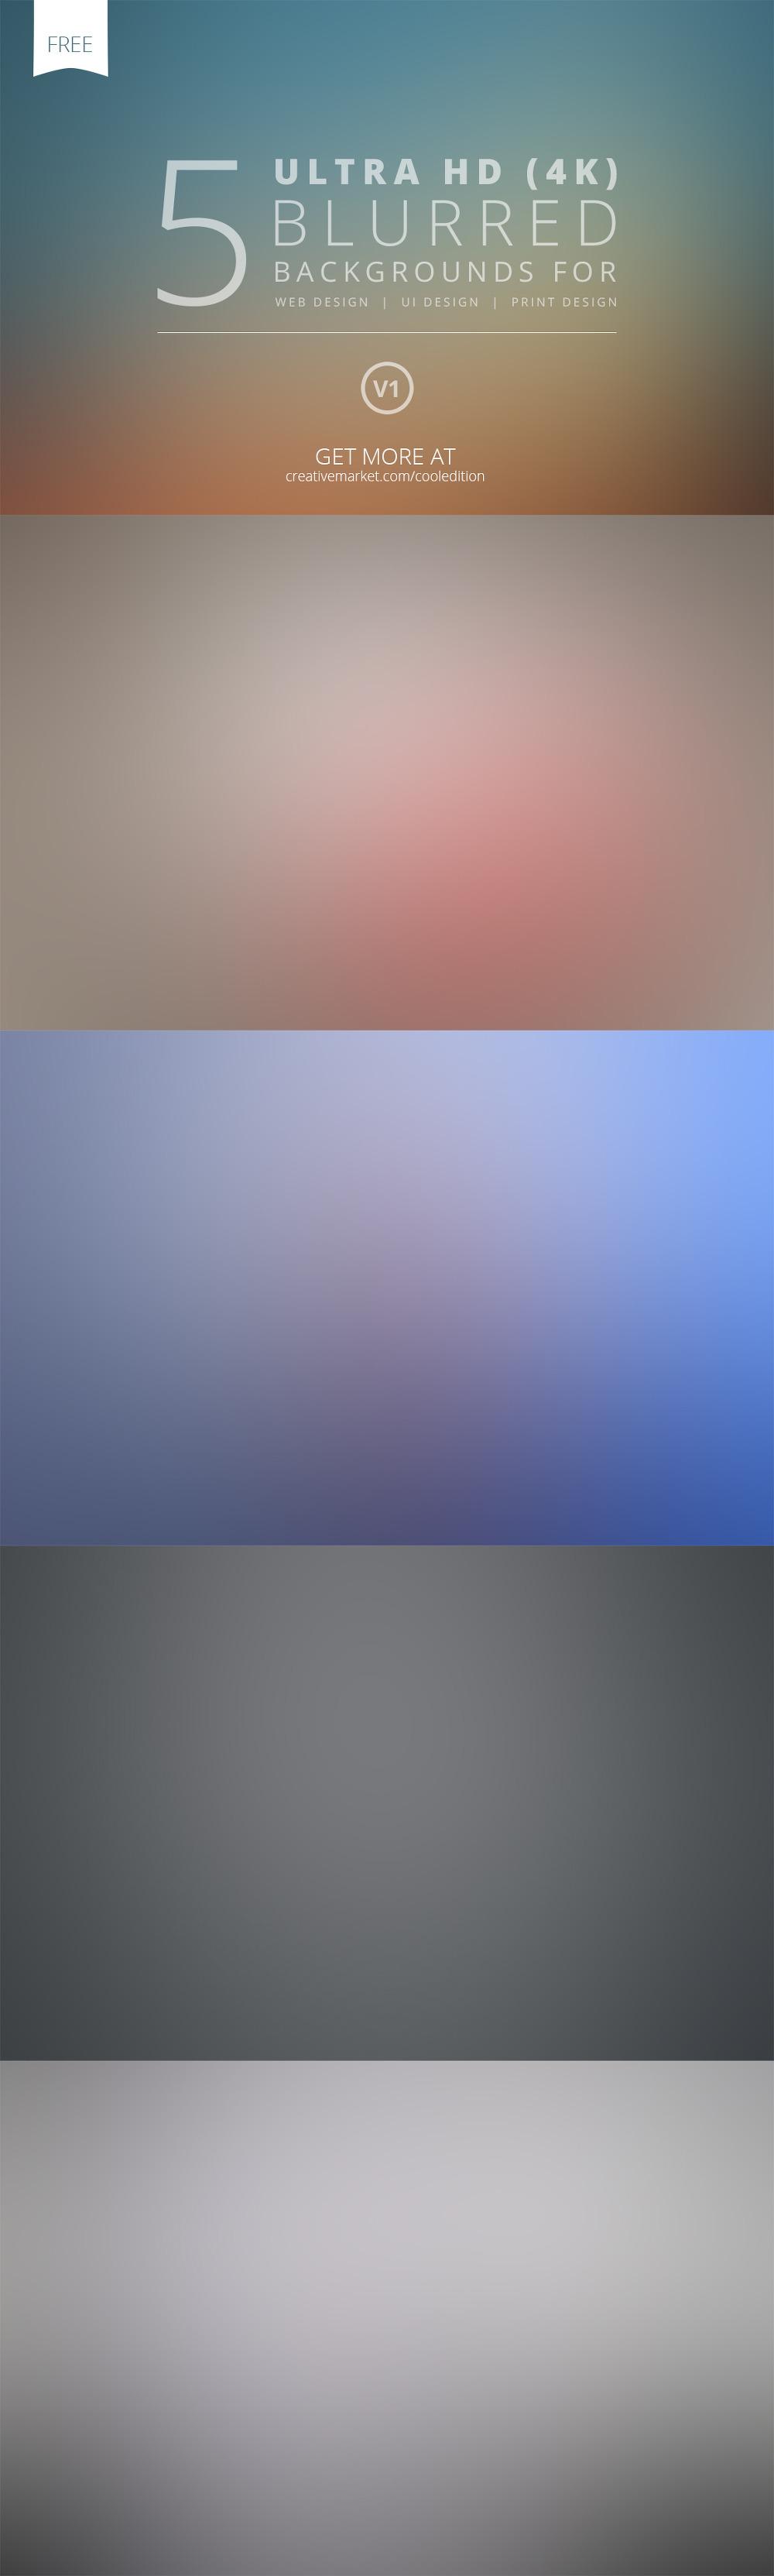 5 가지 무료 고화질 블러 백그라운드(배경) 이미지 - 5 Free Ultra HD Blurred Backgrounds